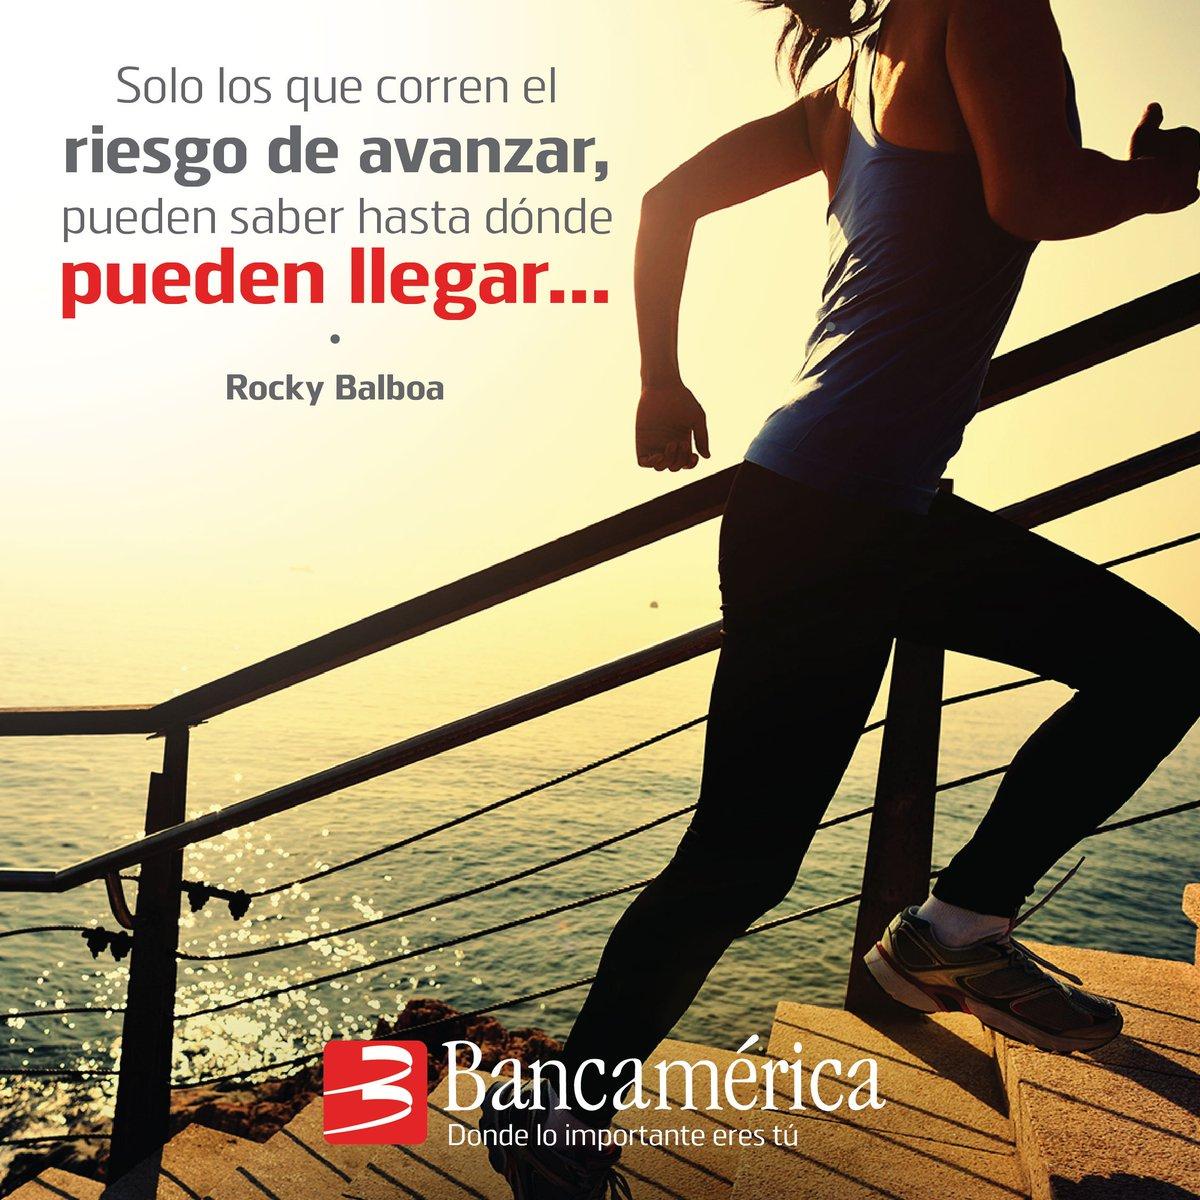 Bancamerica On Twitter Solo Los Que Corren El Riesgo De